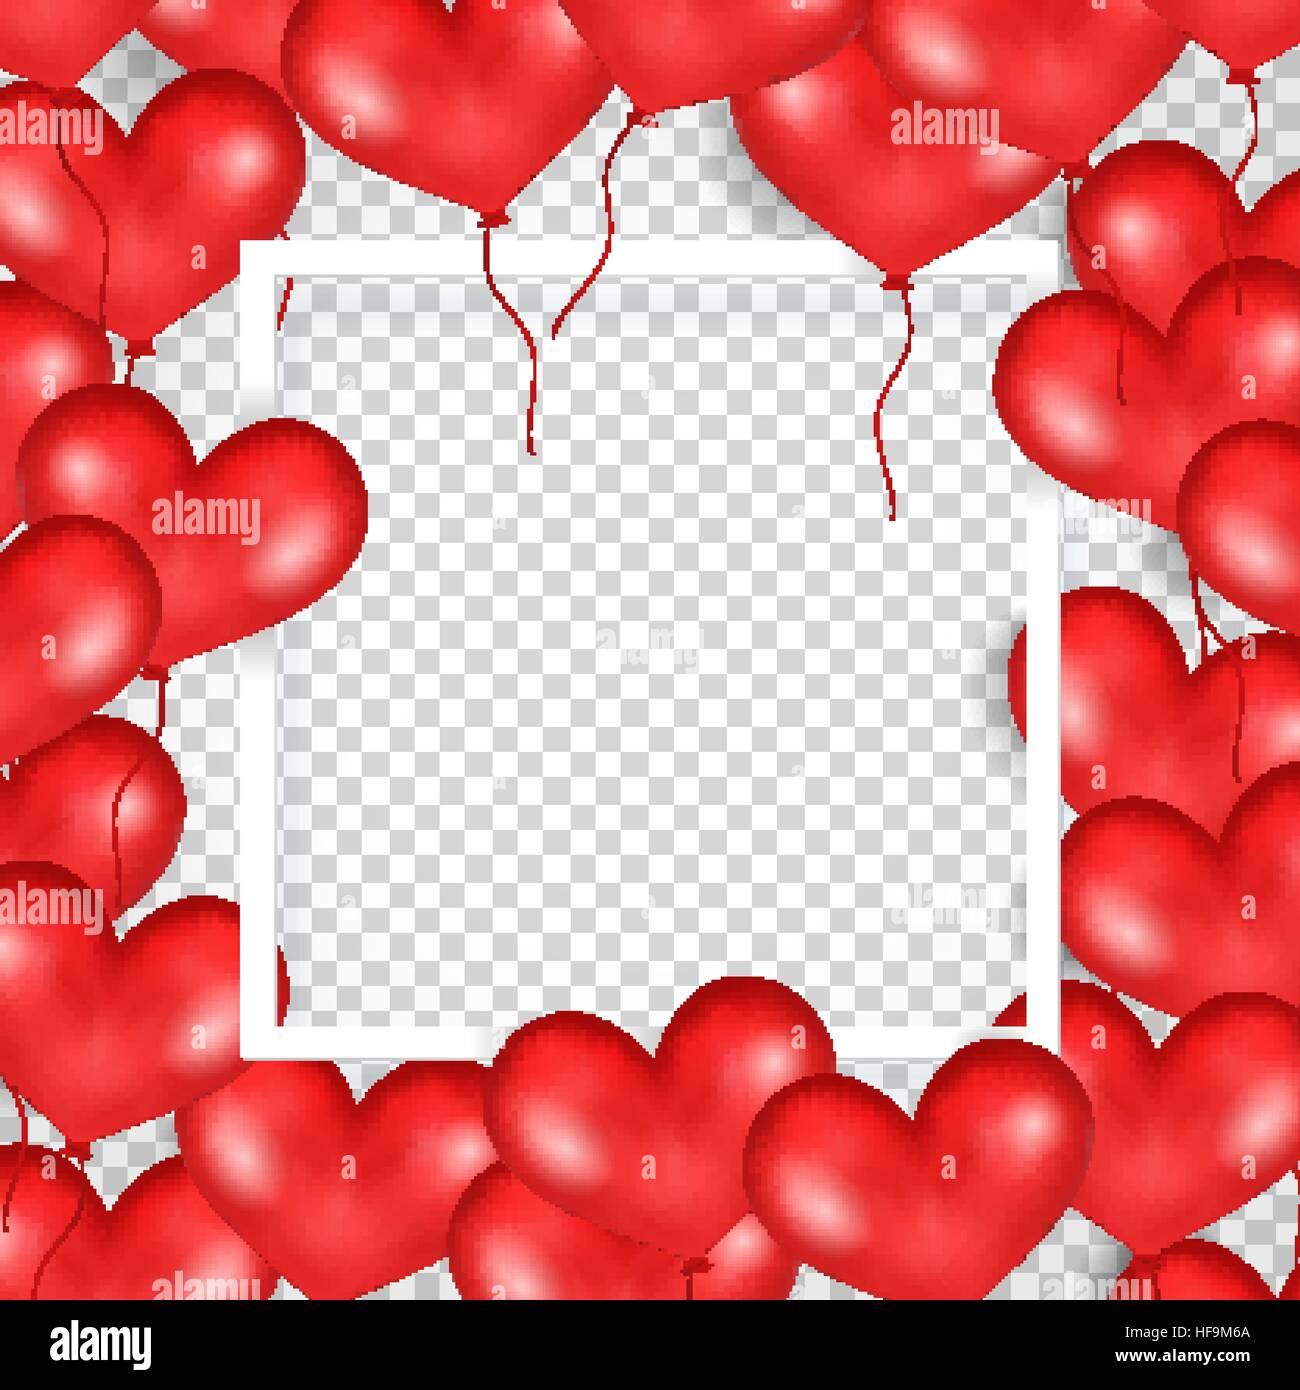 Rahmen mit roten Luftballons In Form von Herzen. Transparenten ...